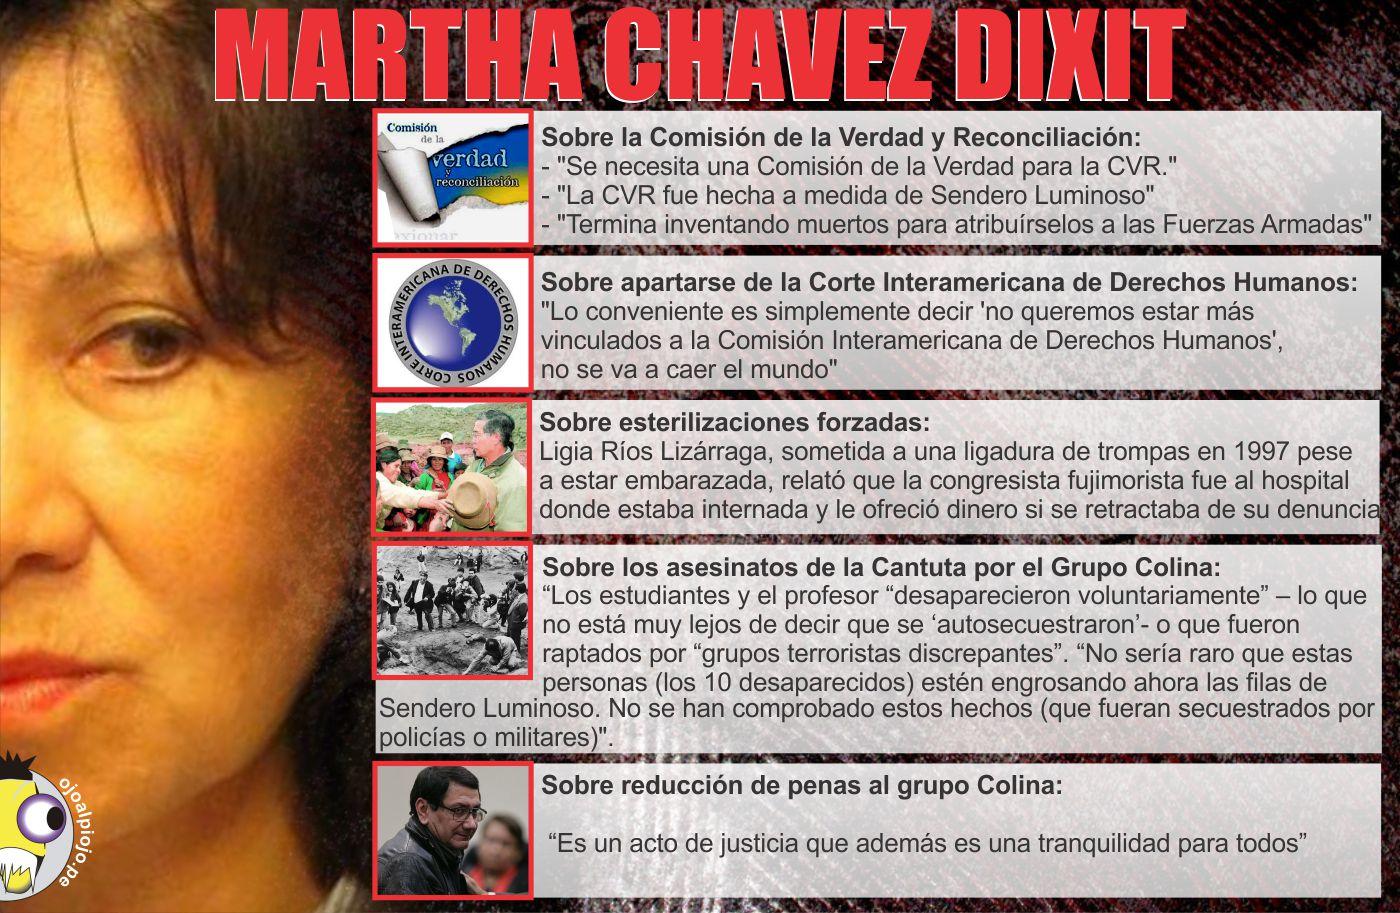 Ojo al Piojo - Martha Chávez